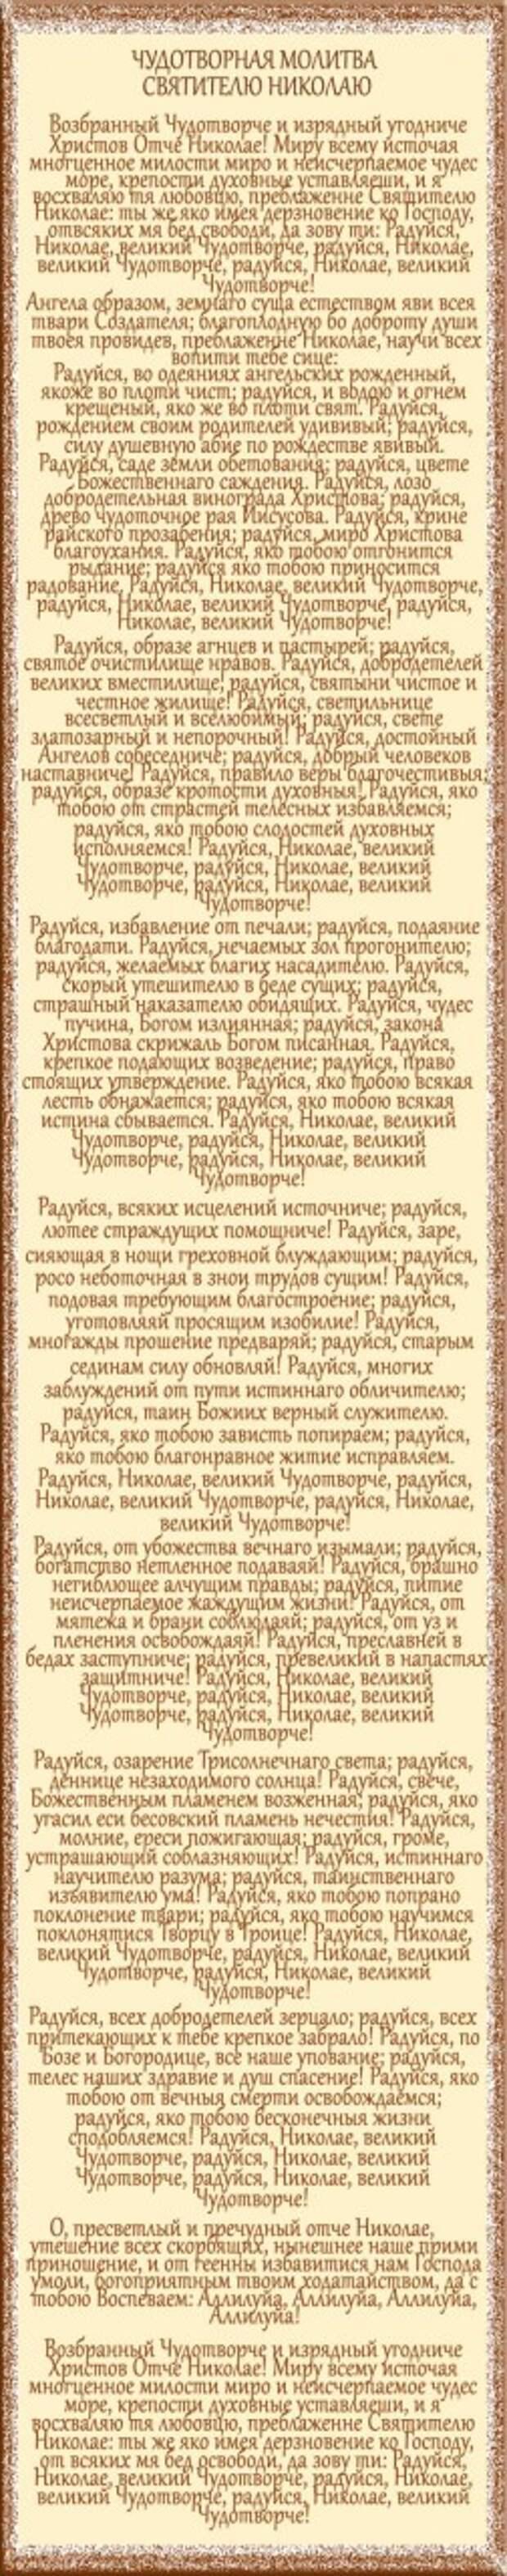 Молитва-Николаю-Чудотворцу-изменяющая-судьбу